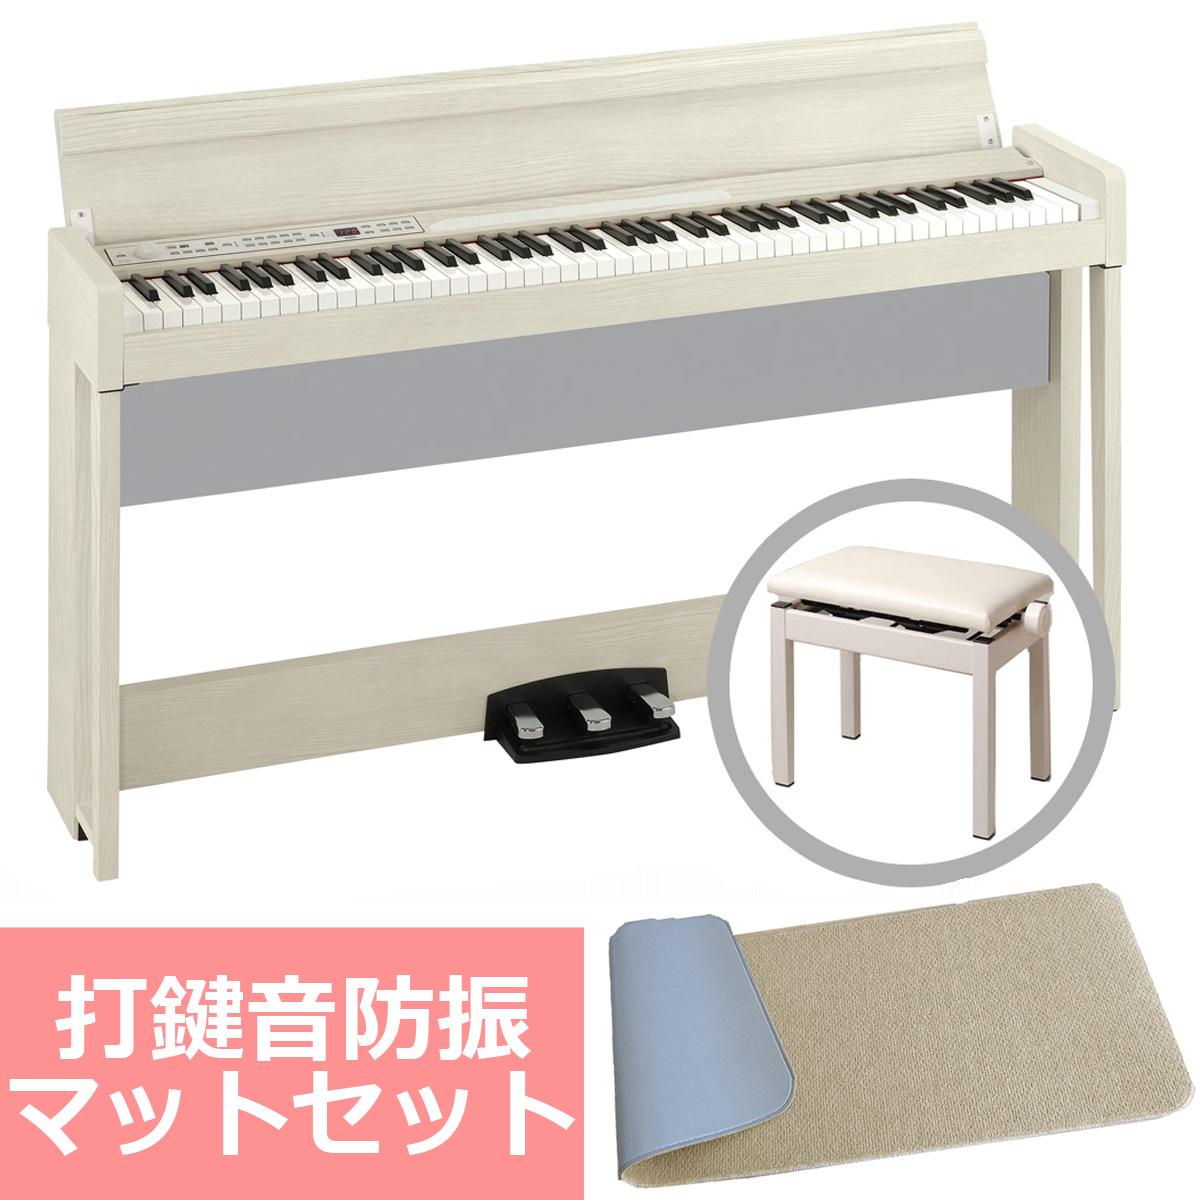 《予約注文/納期未定:別途ご案内》KORG コルグ / C1 Air WA (ホワイト・アッシュ) 【防振マットセット!】【代引不可】【PNG】デジタル・ピアノ《お手入れセットプレゼント:681018000+671044200》